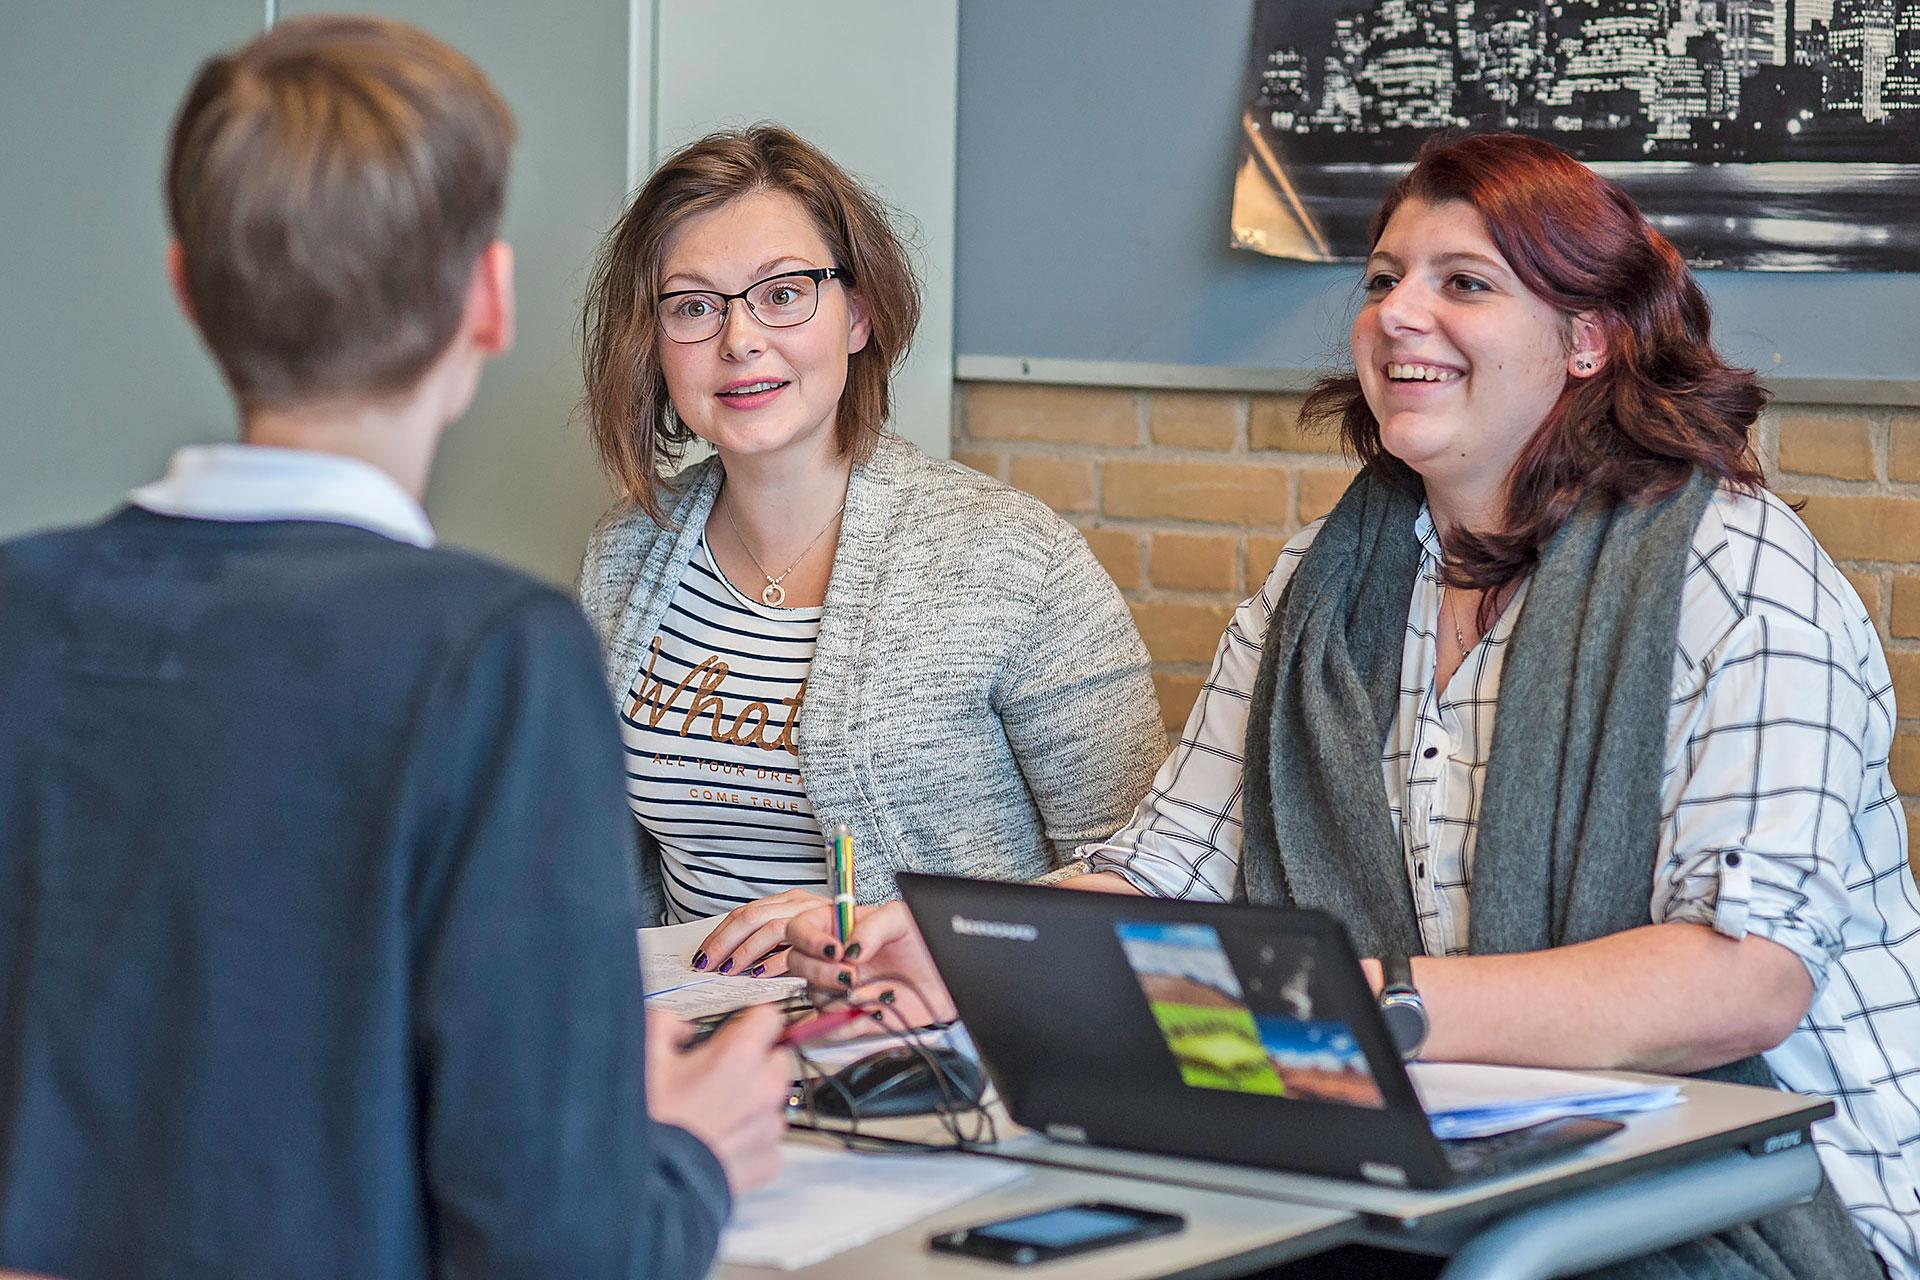 zwei Lehrerinnen bei einer Besprechung mit Laptop